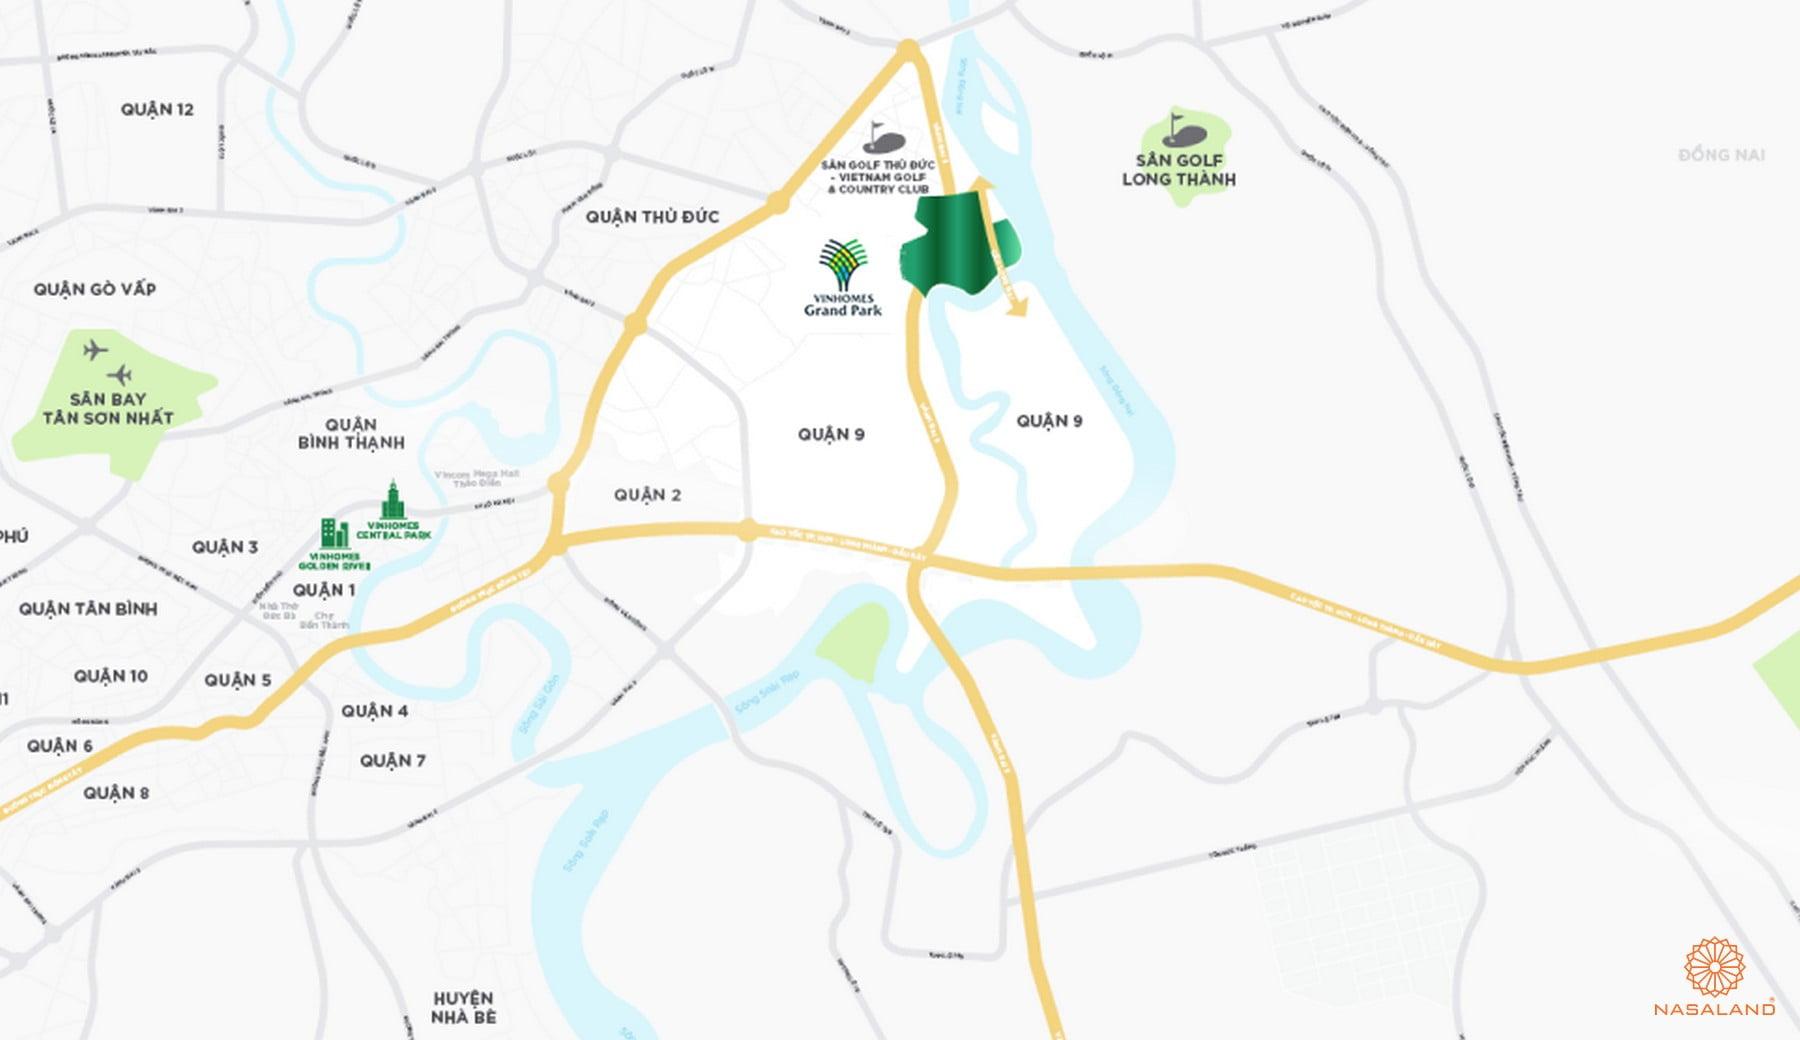 Vị trí địa chỉ dự án khu đô thị Vinhomes Grand Park Quận 9